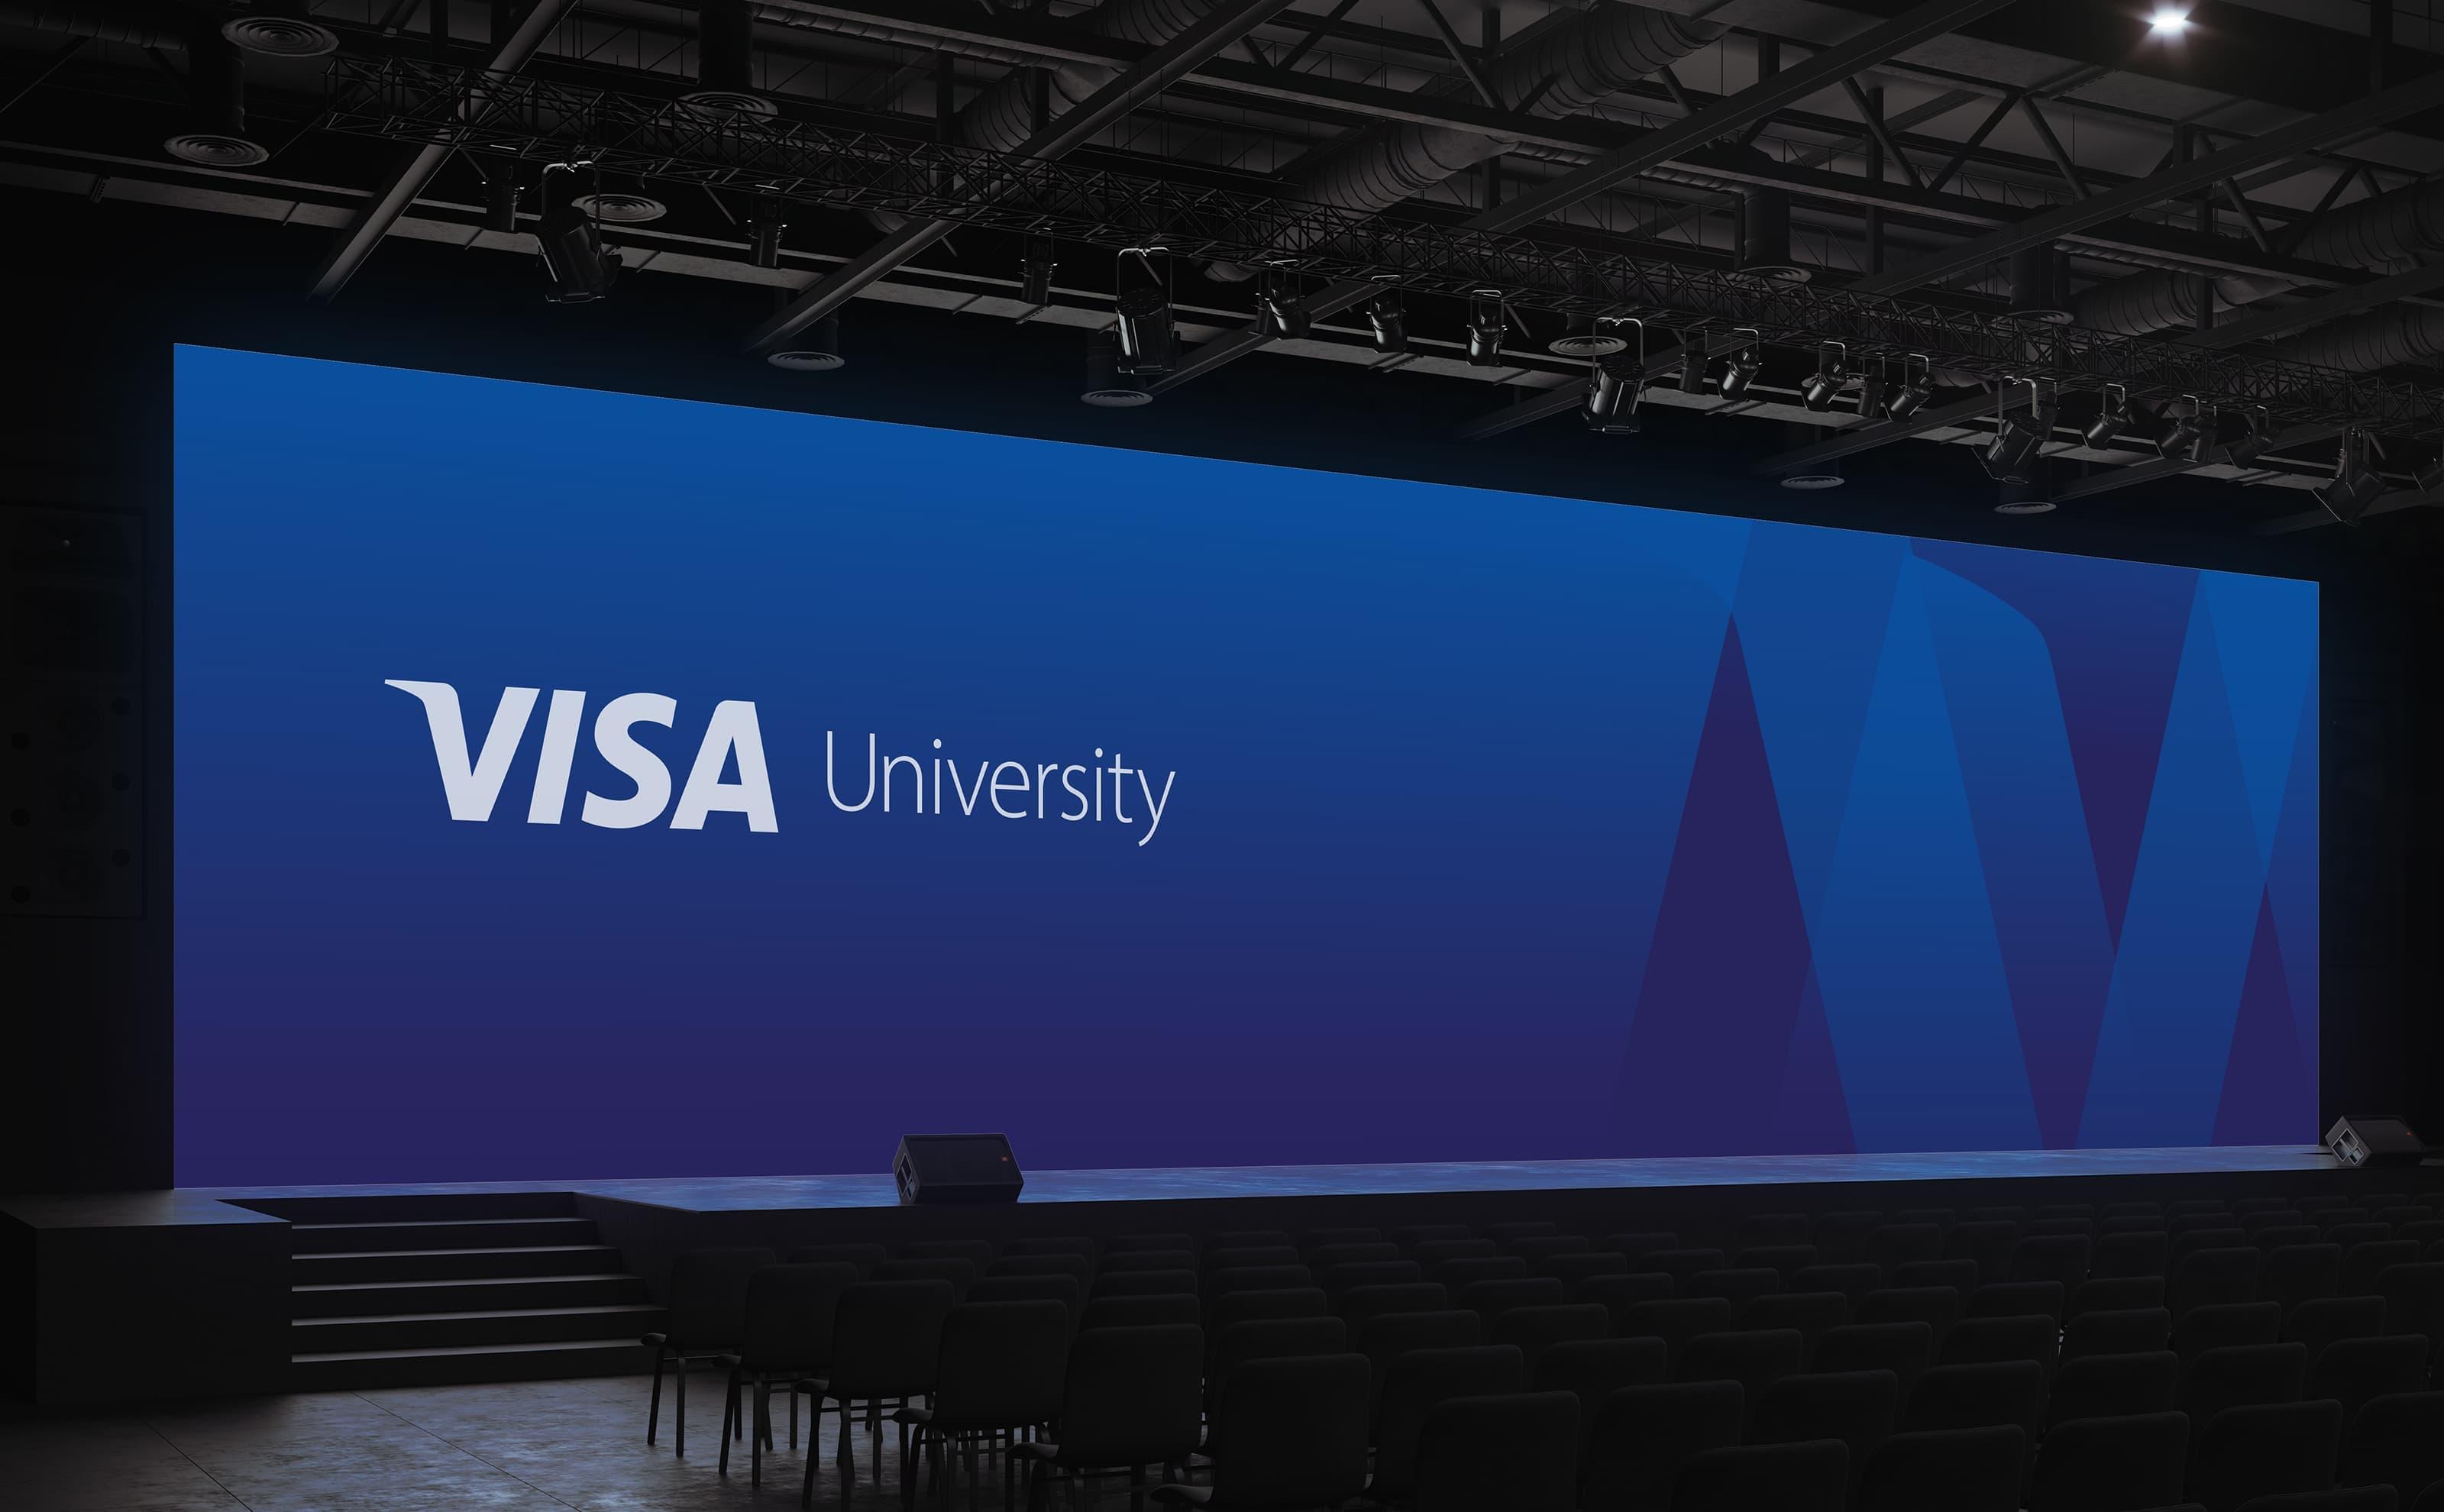 Visa University Brand Update